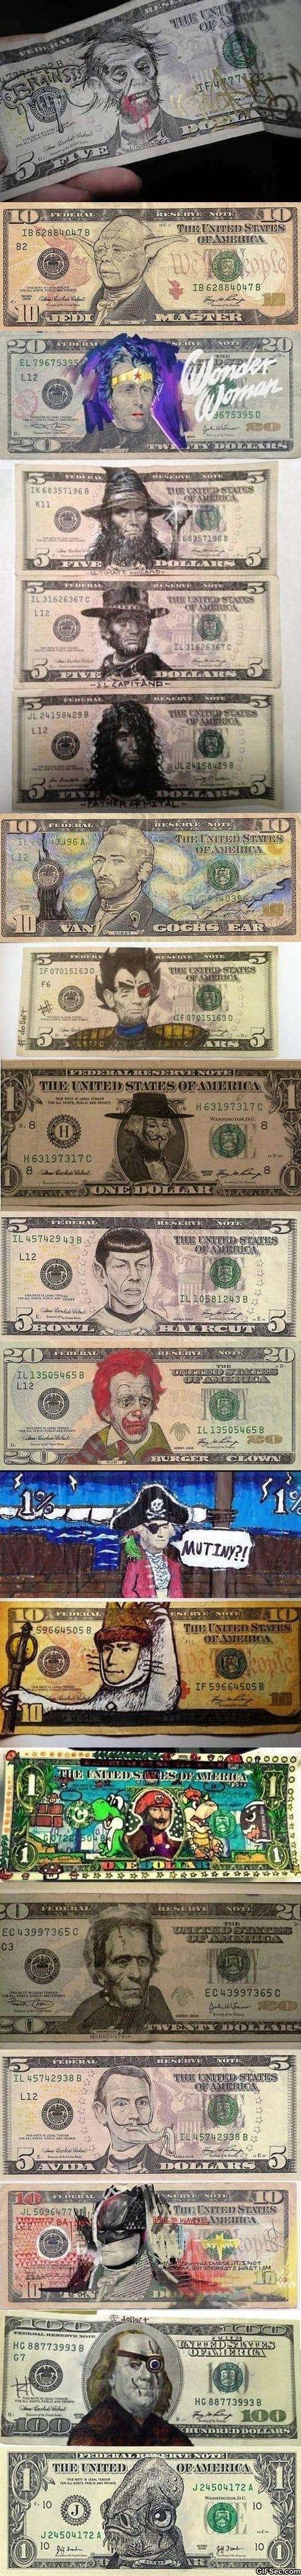 art-in-money